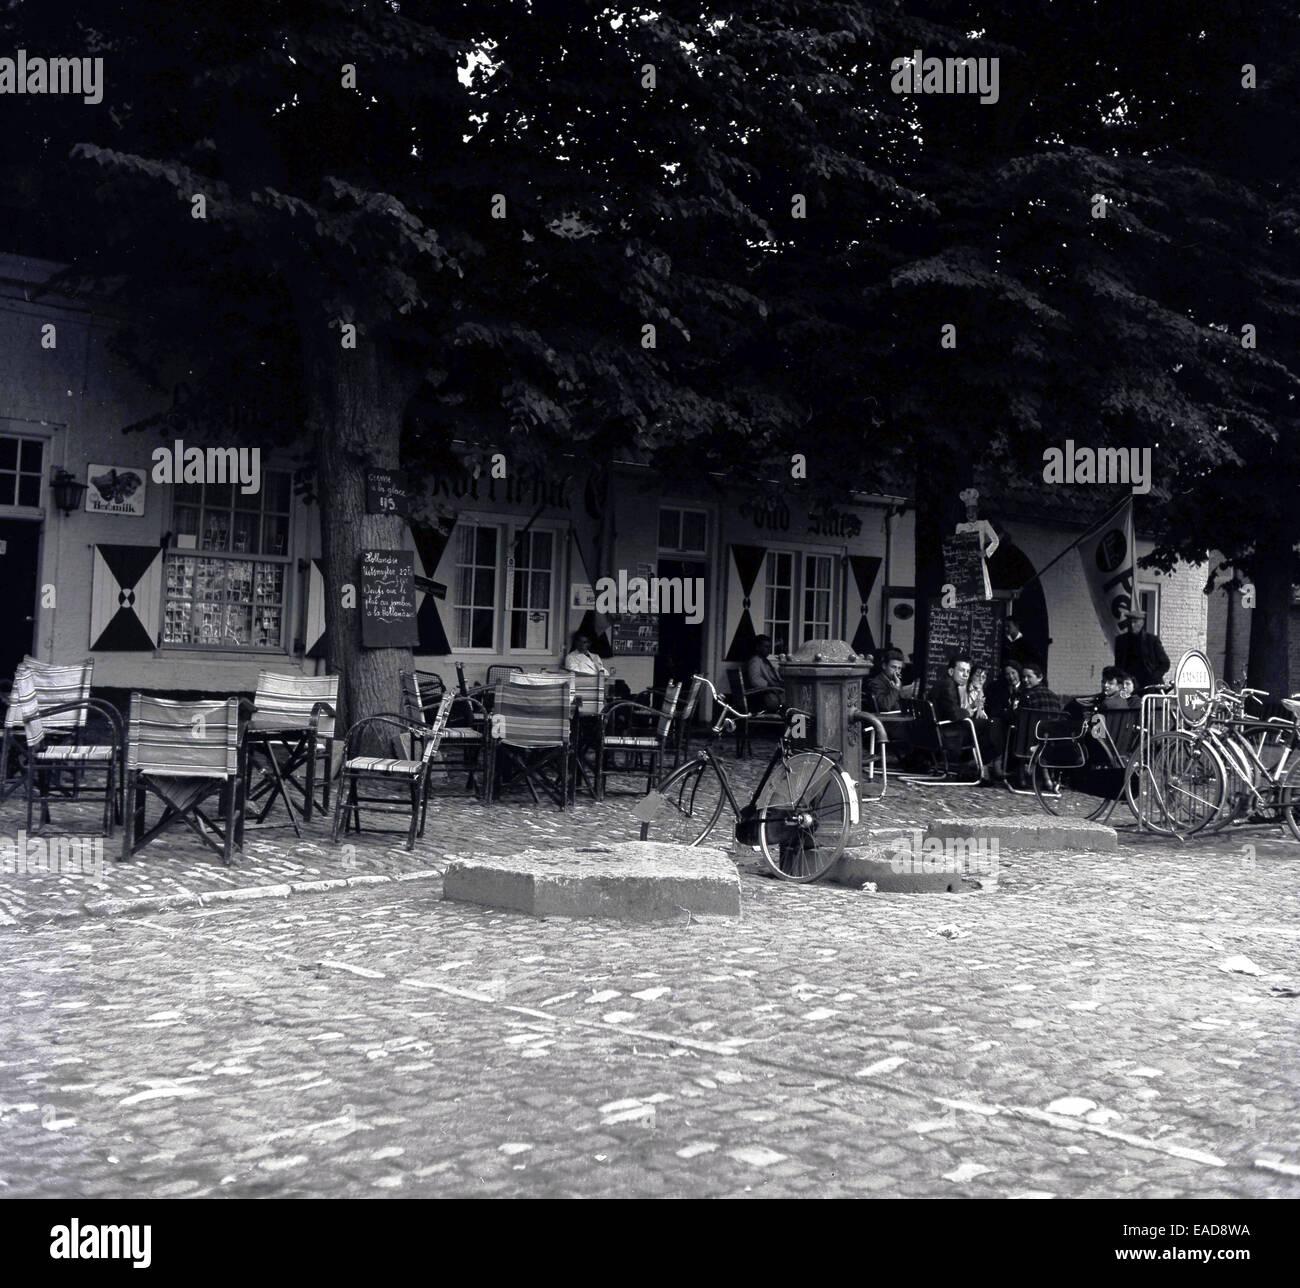 Historique Années 1950 Photo de bicyclettes garées devant un café, en Belgique. Photo Stock